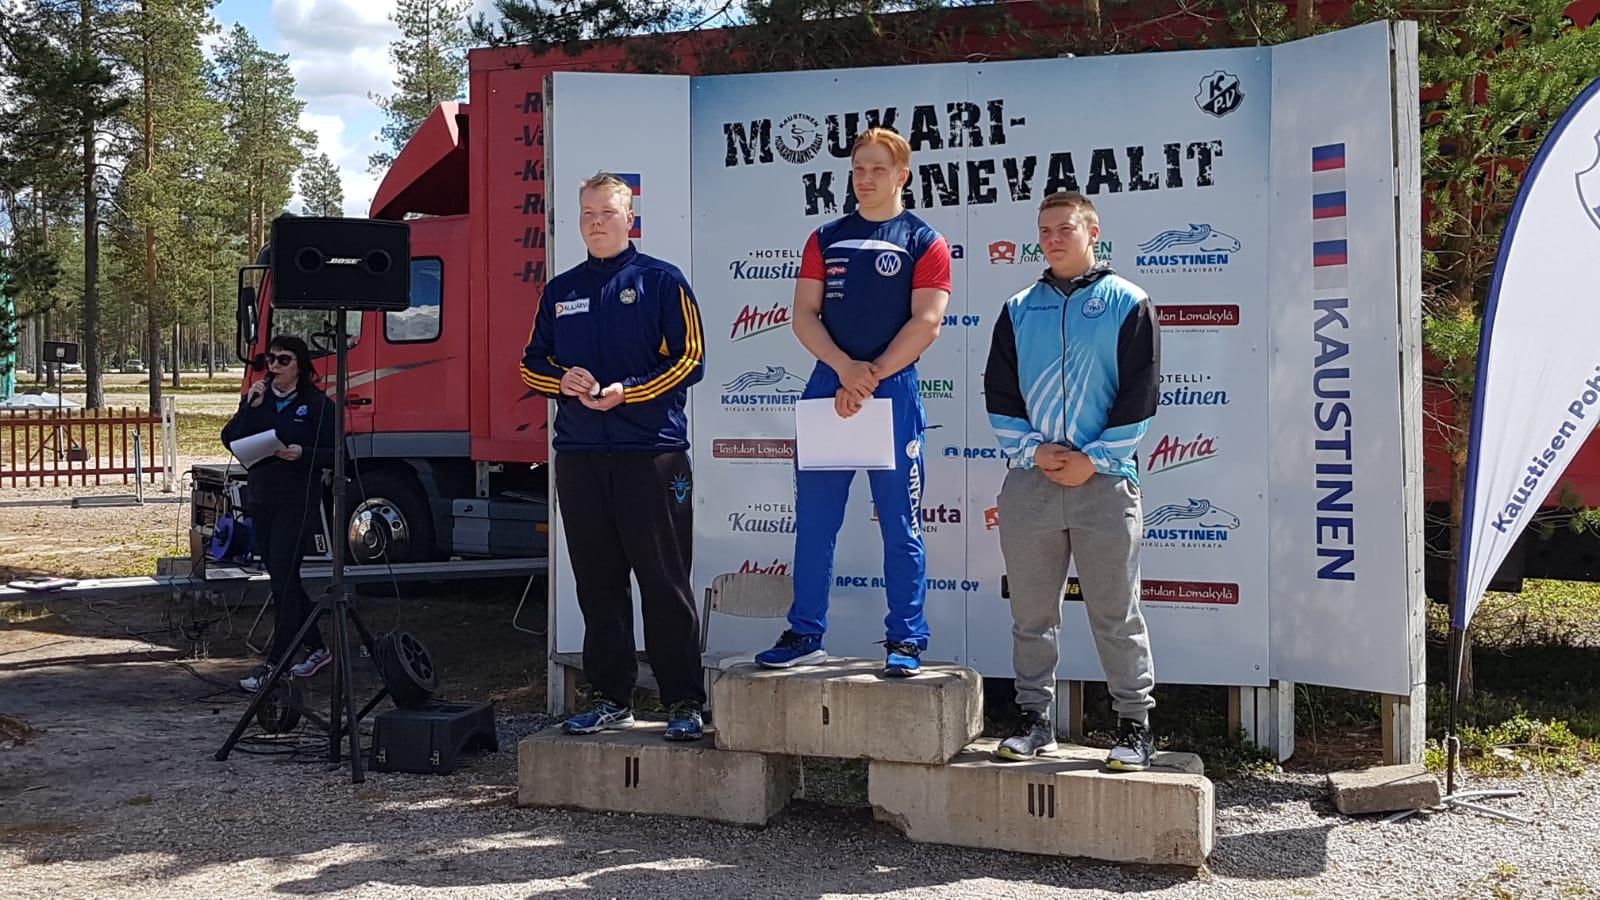 Oskari Lahtinen voittoon karnevaaleilla